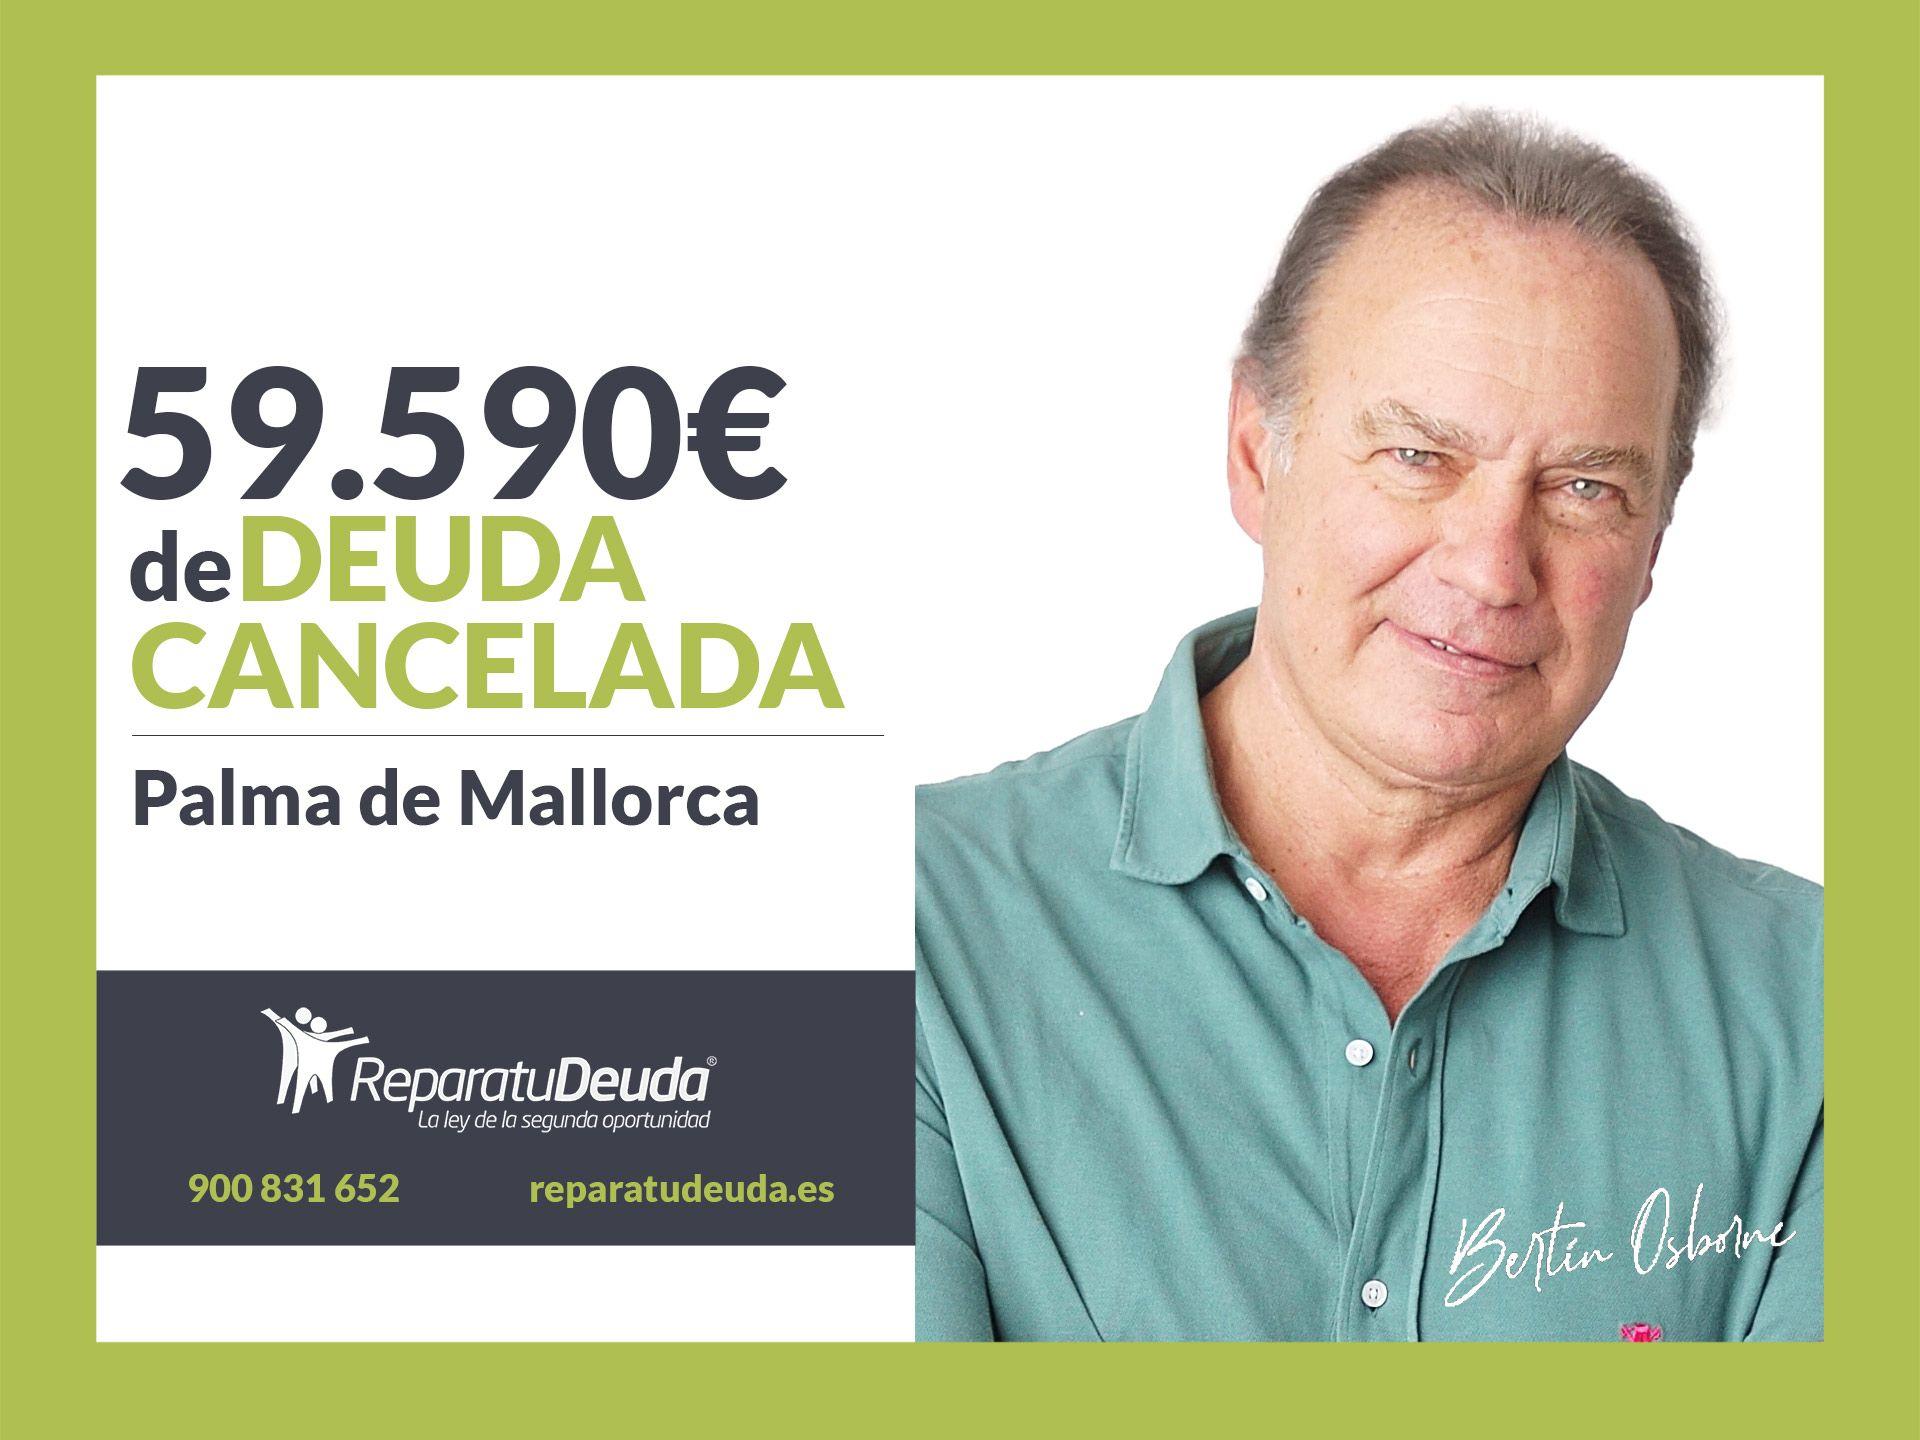 Repara tu Deuda abogados cancela 59.590? en Mallorca con la Ley de Segunda Oportunidad